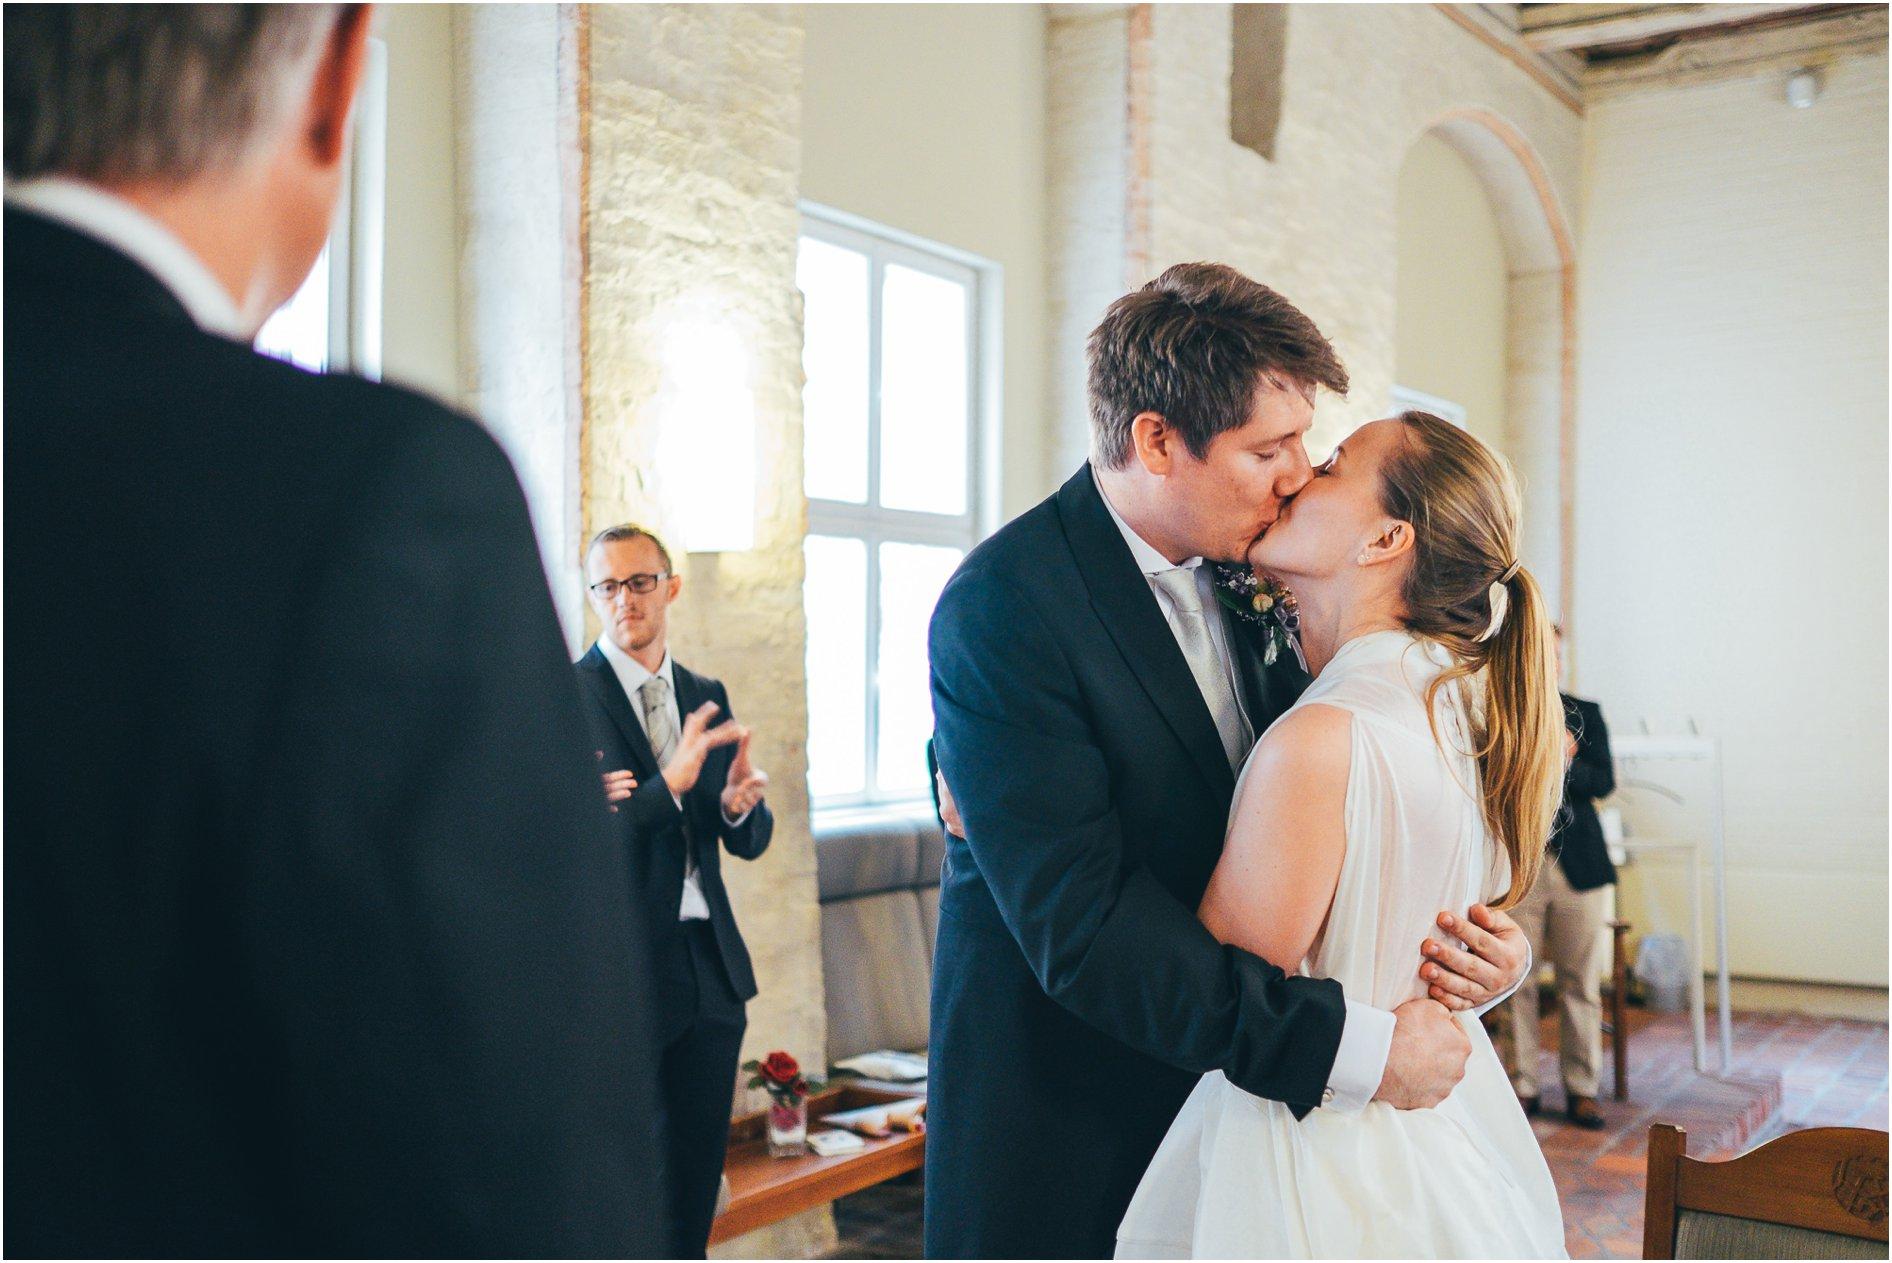 2014-10-13_0019 Jenny & Matthias - Hochzeitsfotograf auf Gut Bardenhagen